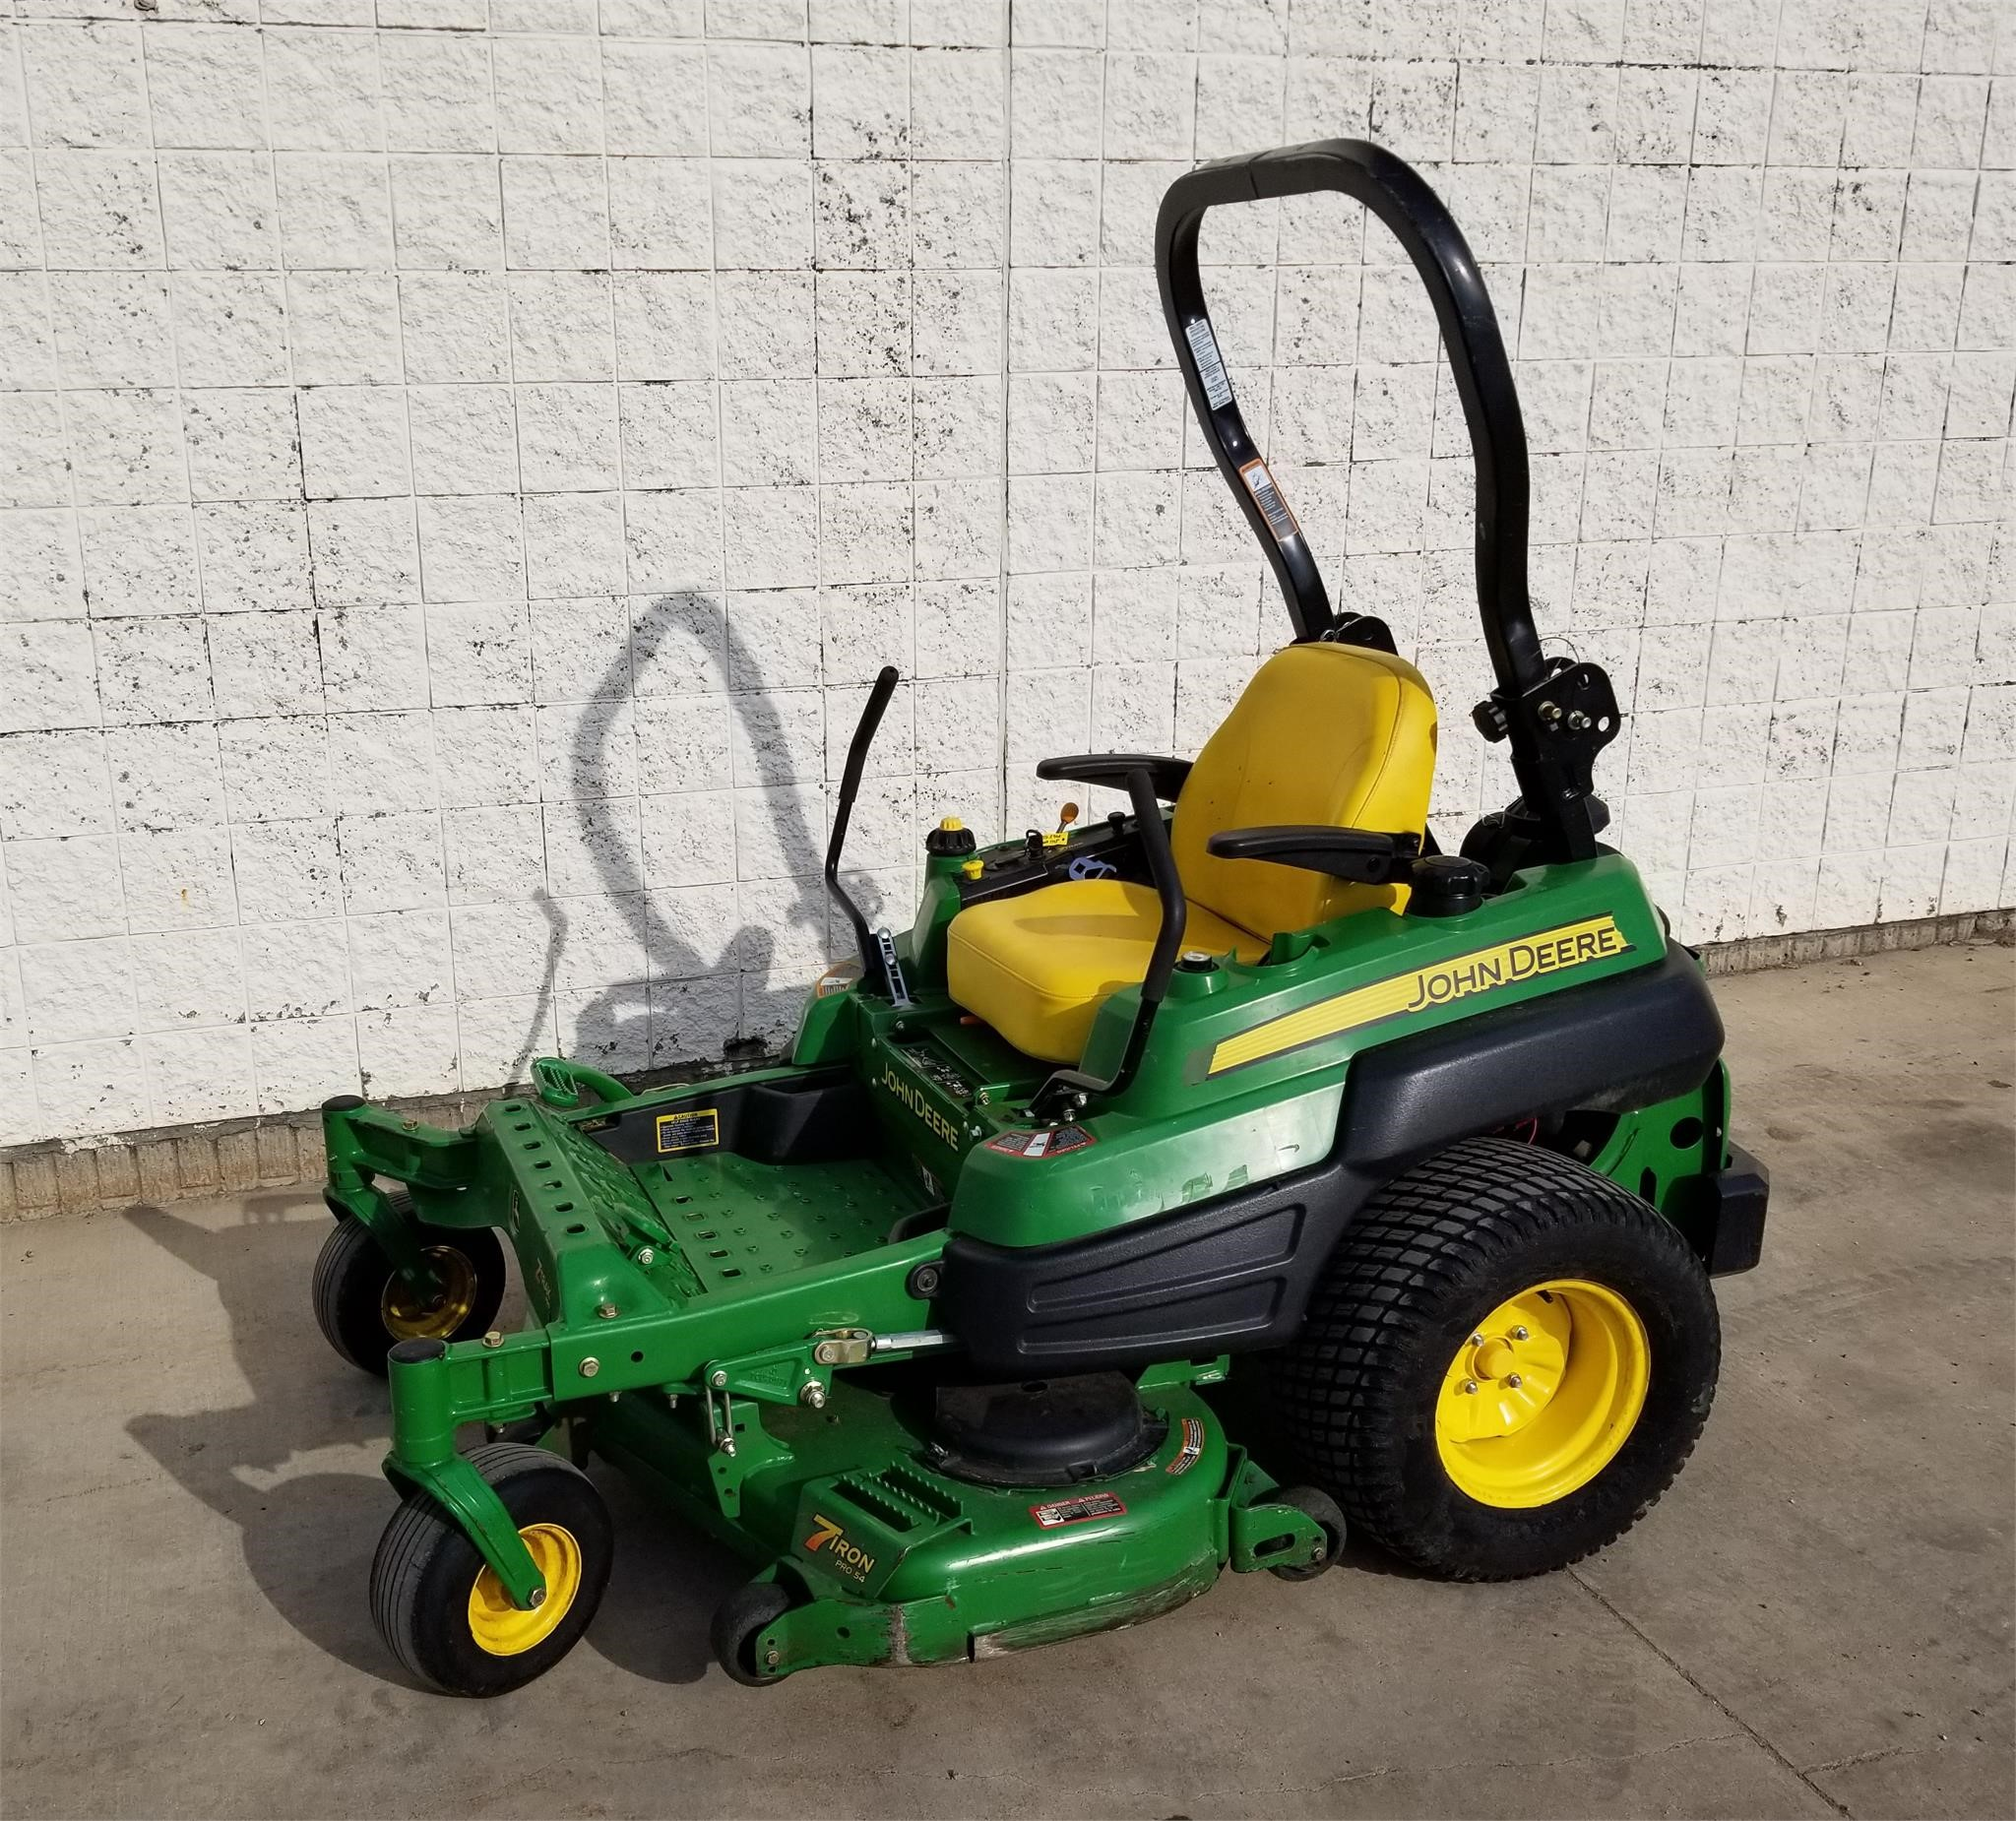 2010 John Deere Z910A Lawn and Garden